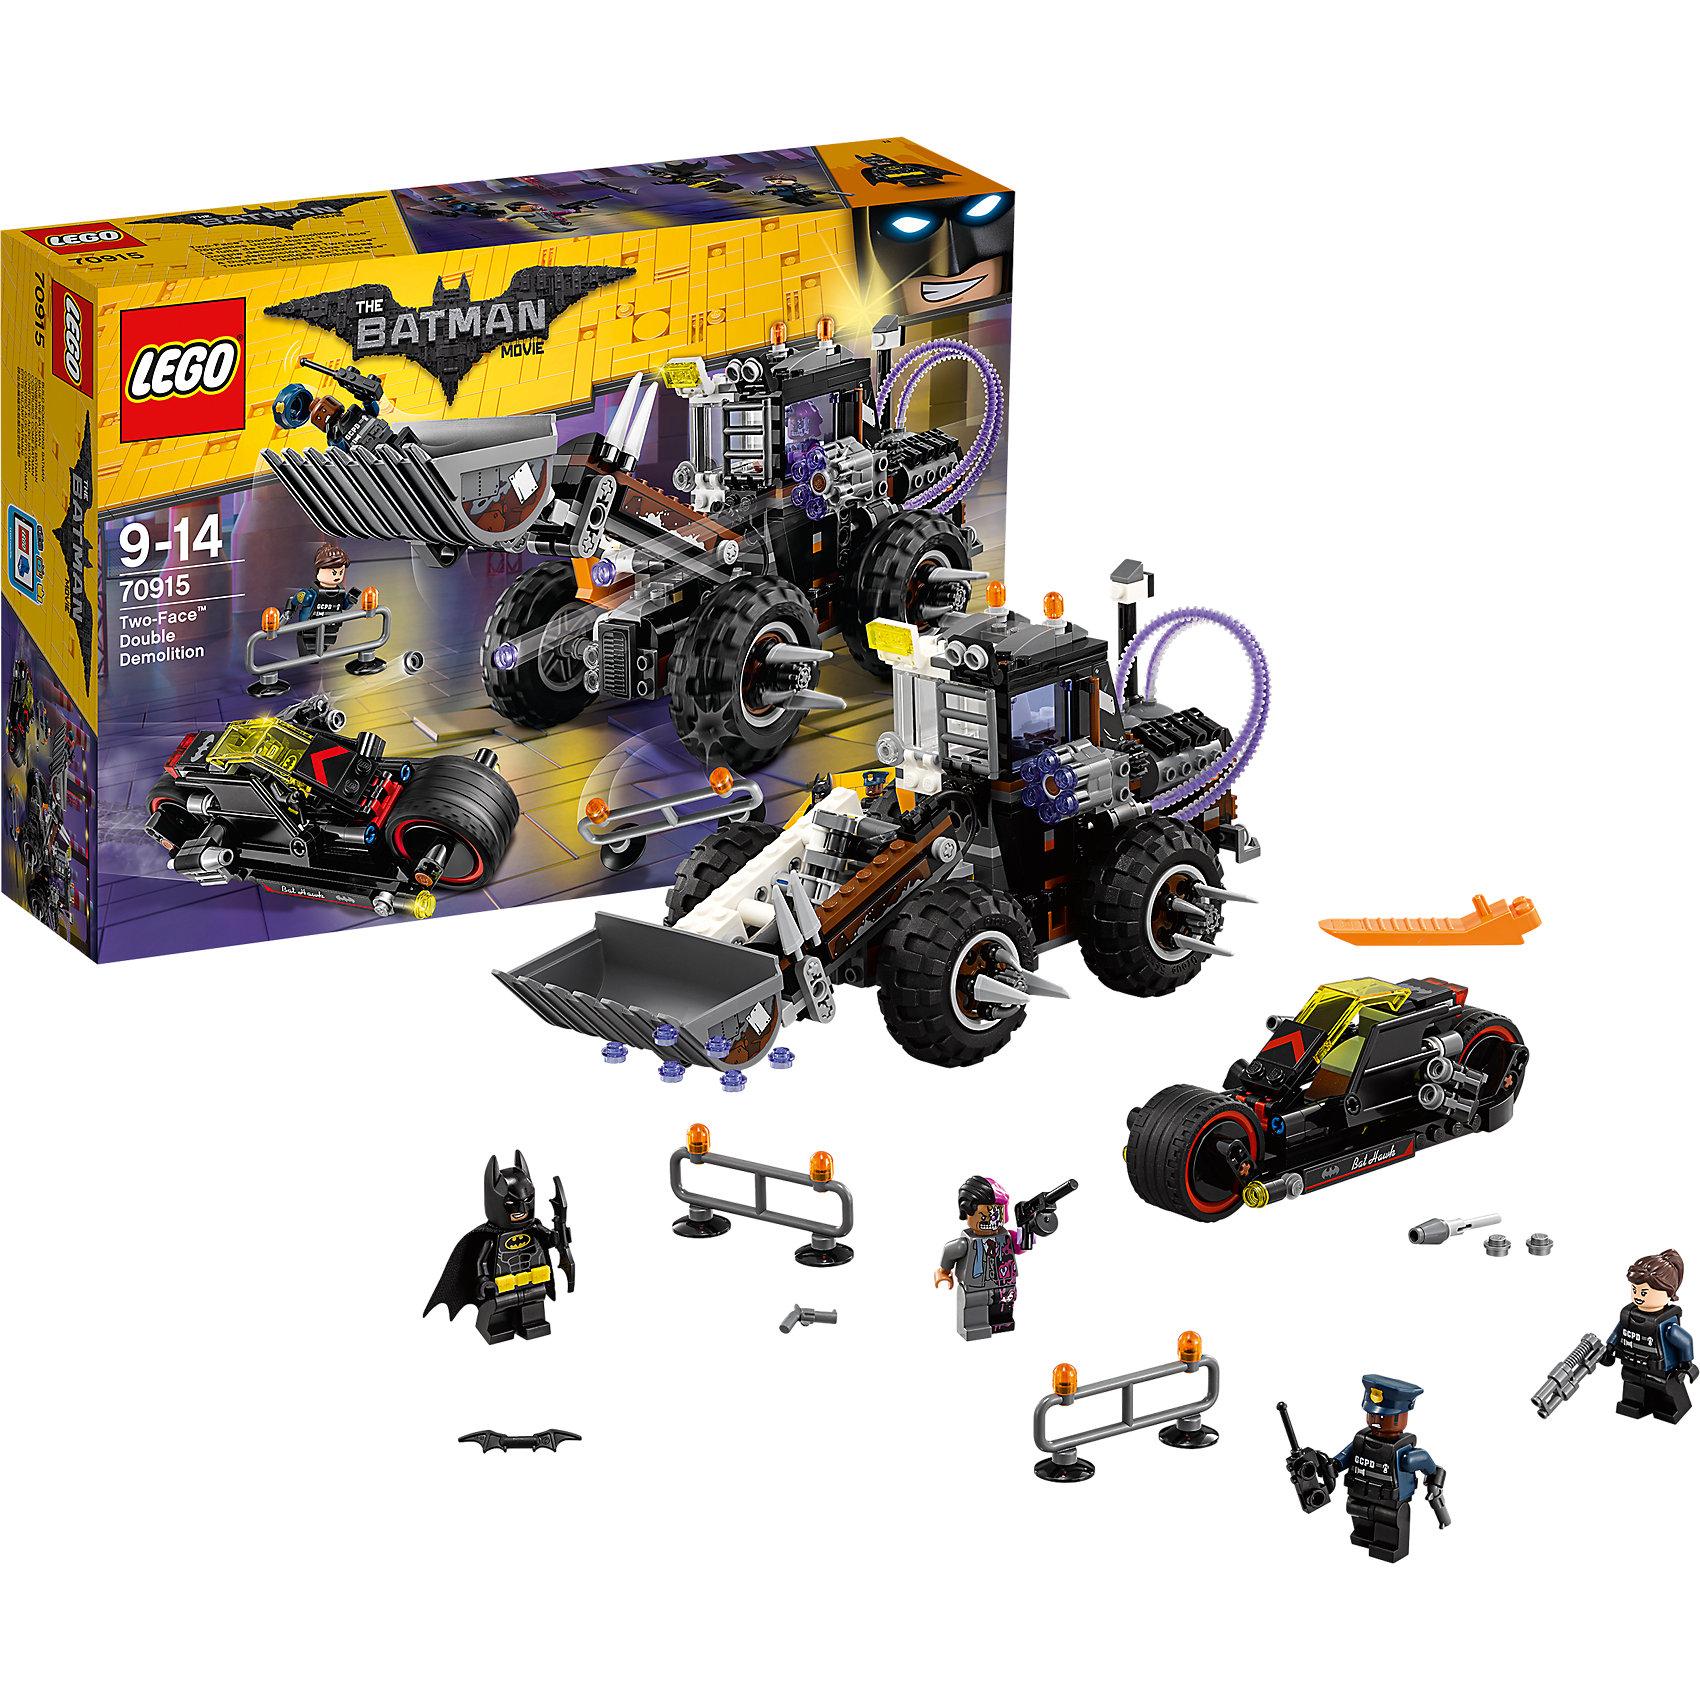 LEGO Batman Movie 70915: Разрушительное нападение ДвуликогоПластмассовые конструкторы<br><br><br>Ширина мм: 382<br>Глубина мм: 262<br>Высота мм: 94<br>Вес г: 874<br>Возраст от месяцев: 108<br>Возраст до месяцев: 168<br>Пол: Мужской<br>Возраст: Детский<br>SKU: 5620007